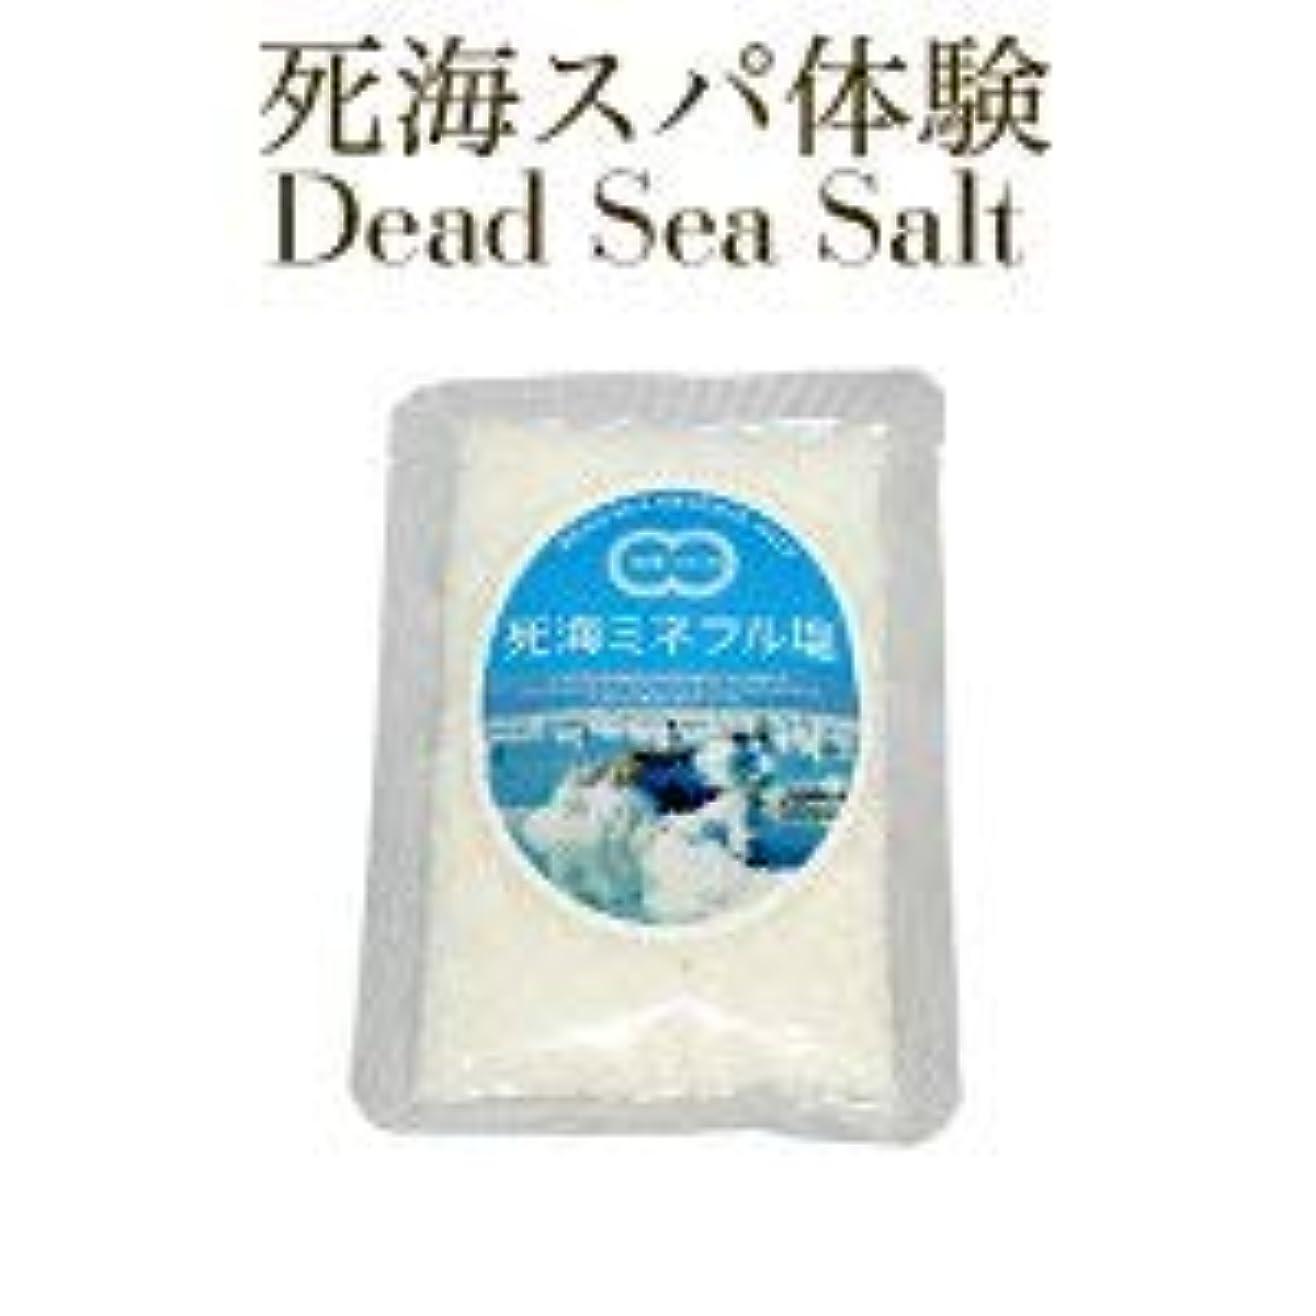 同情器用維持死海ミネラル塩100g